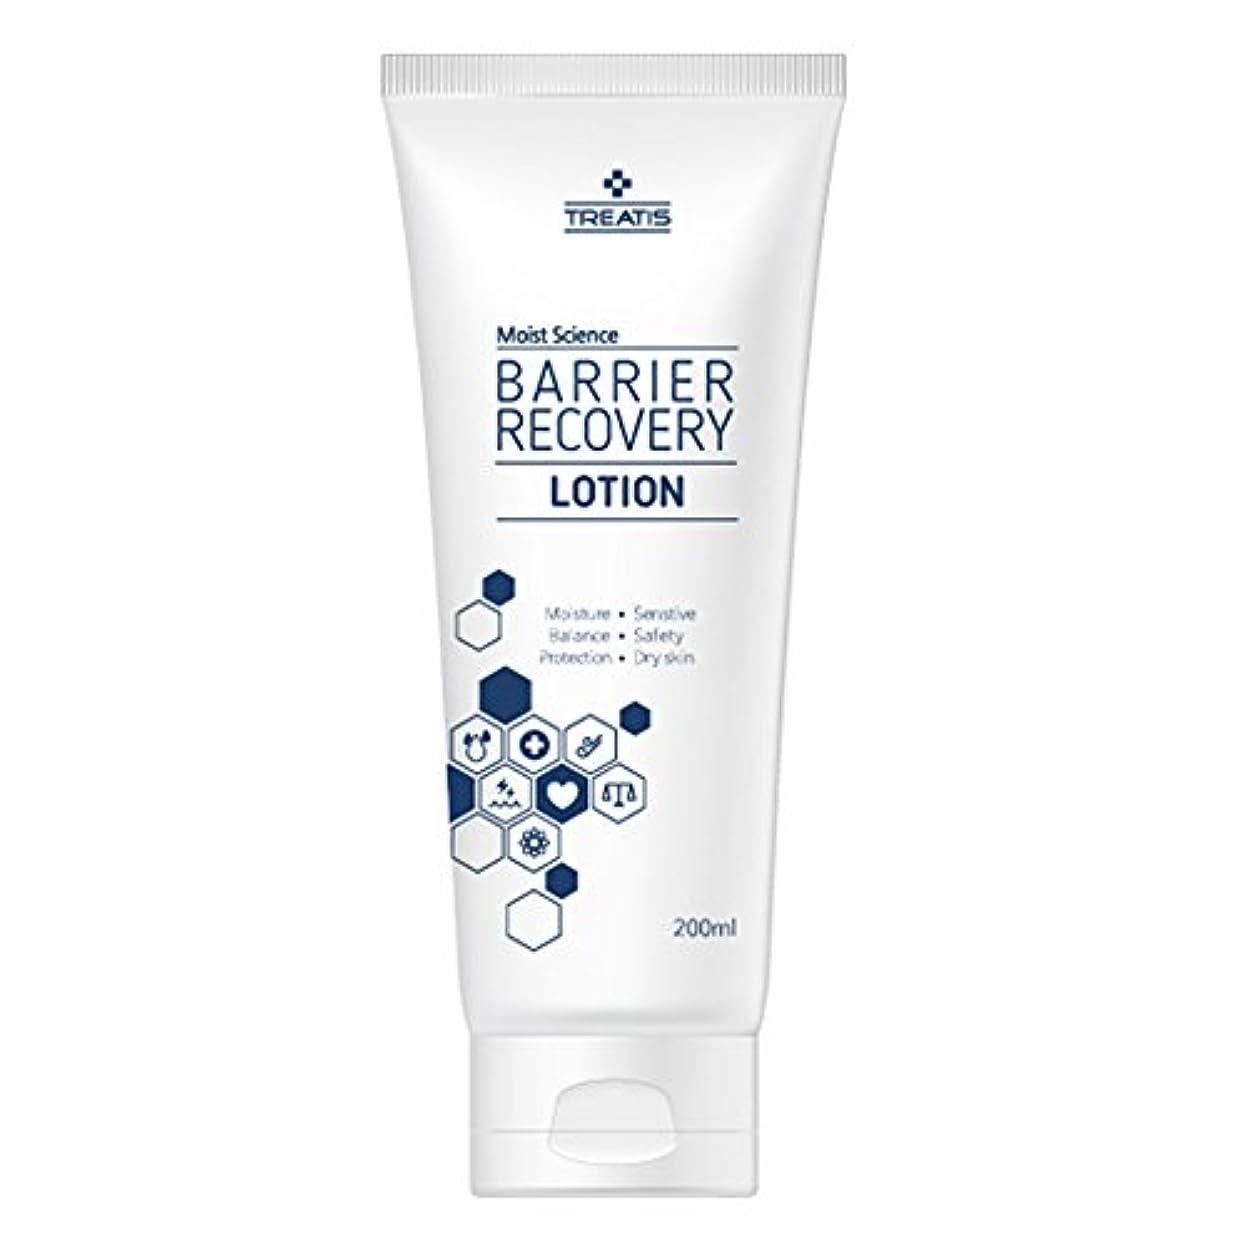 晴れチョーク工場Treatis barrier recovery lotion 7oz (200ml)/Moisture, Senstive, Balance, Safty, Protection, Dry skin [並行輸入品]